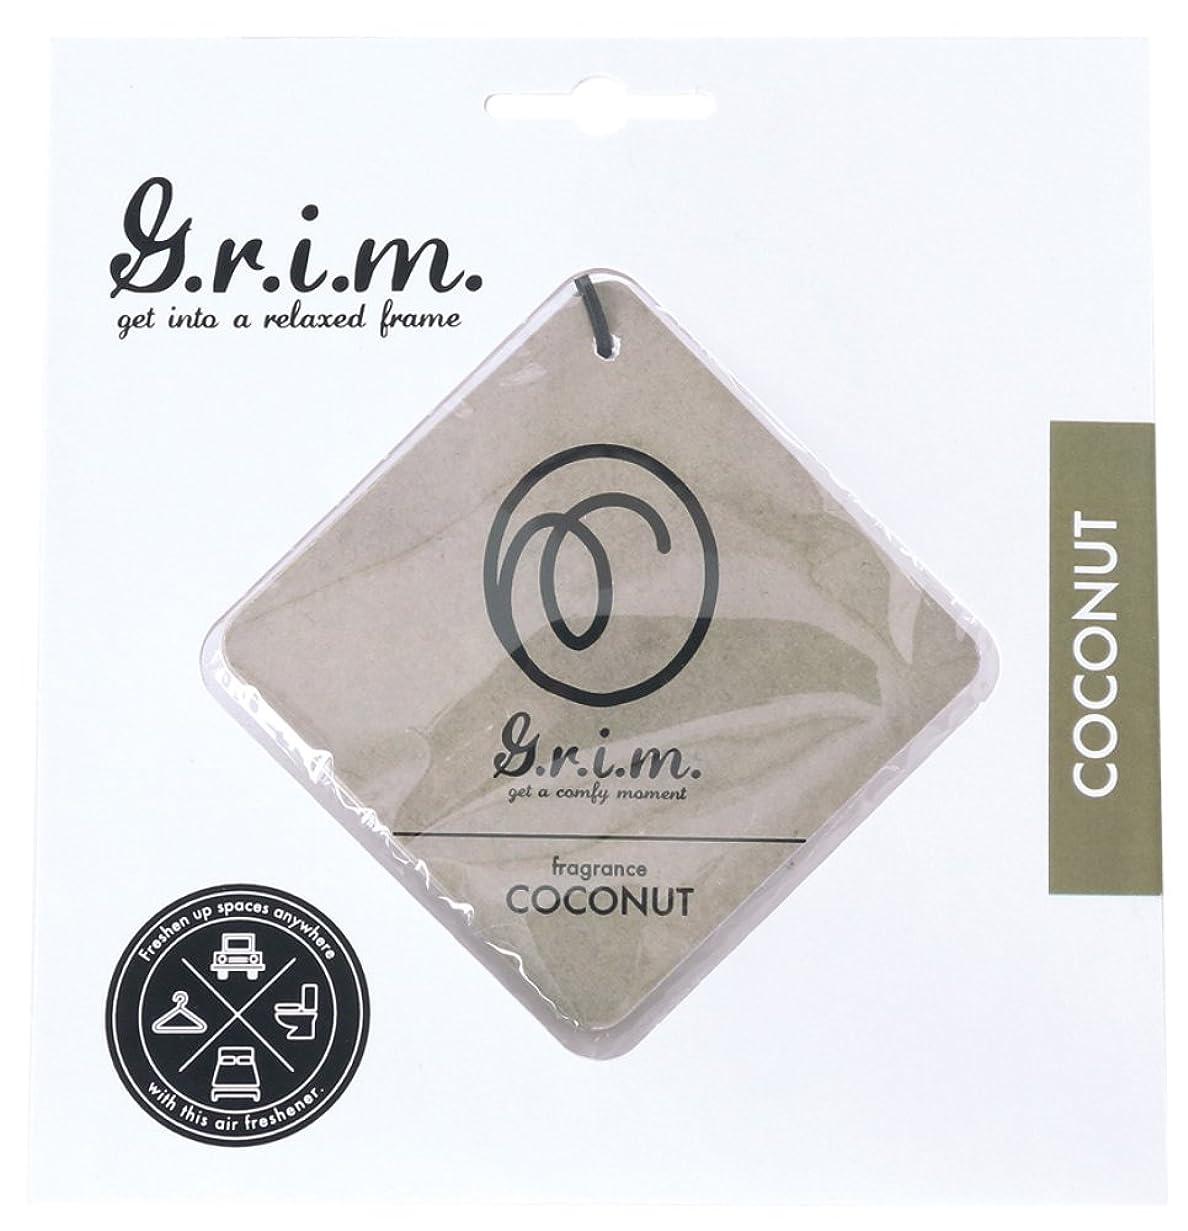 破壊的ラダアストロラーベノルコーポレーション エアーフレッシュナー g.r.i.m 吊り下げ ココナッツの香り OA-GRM-3-4